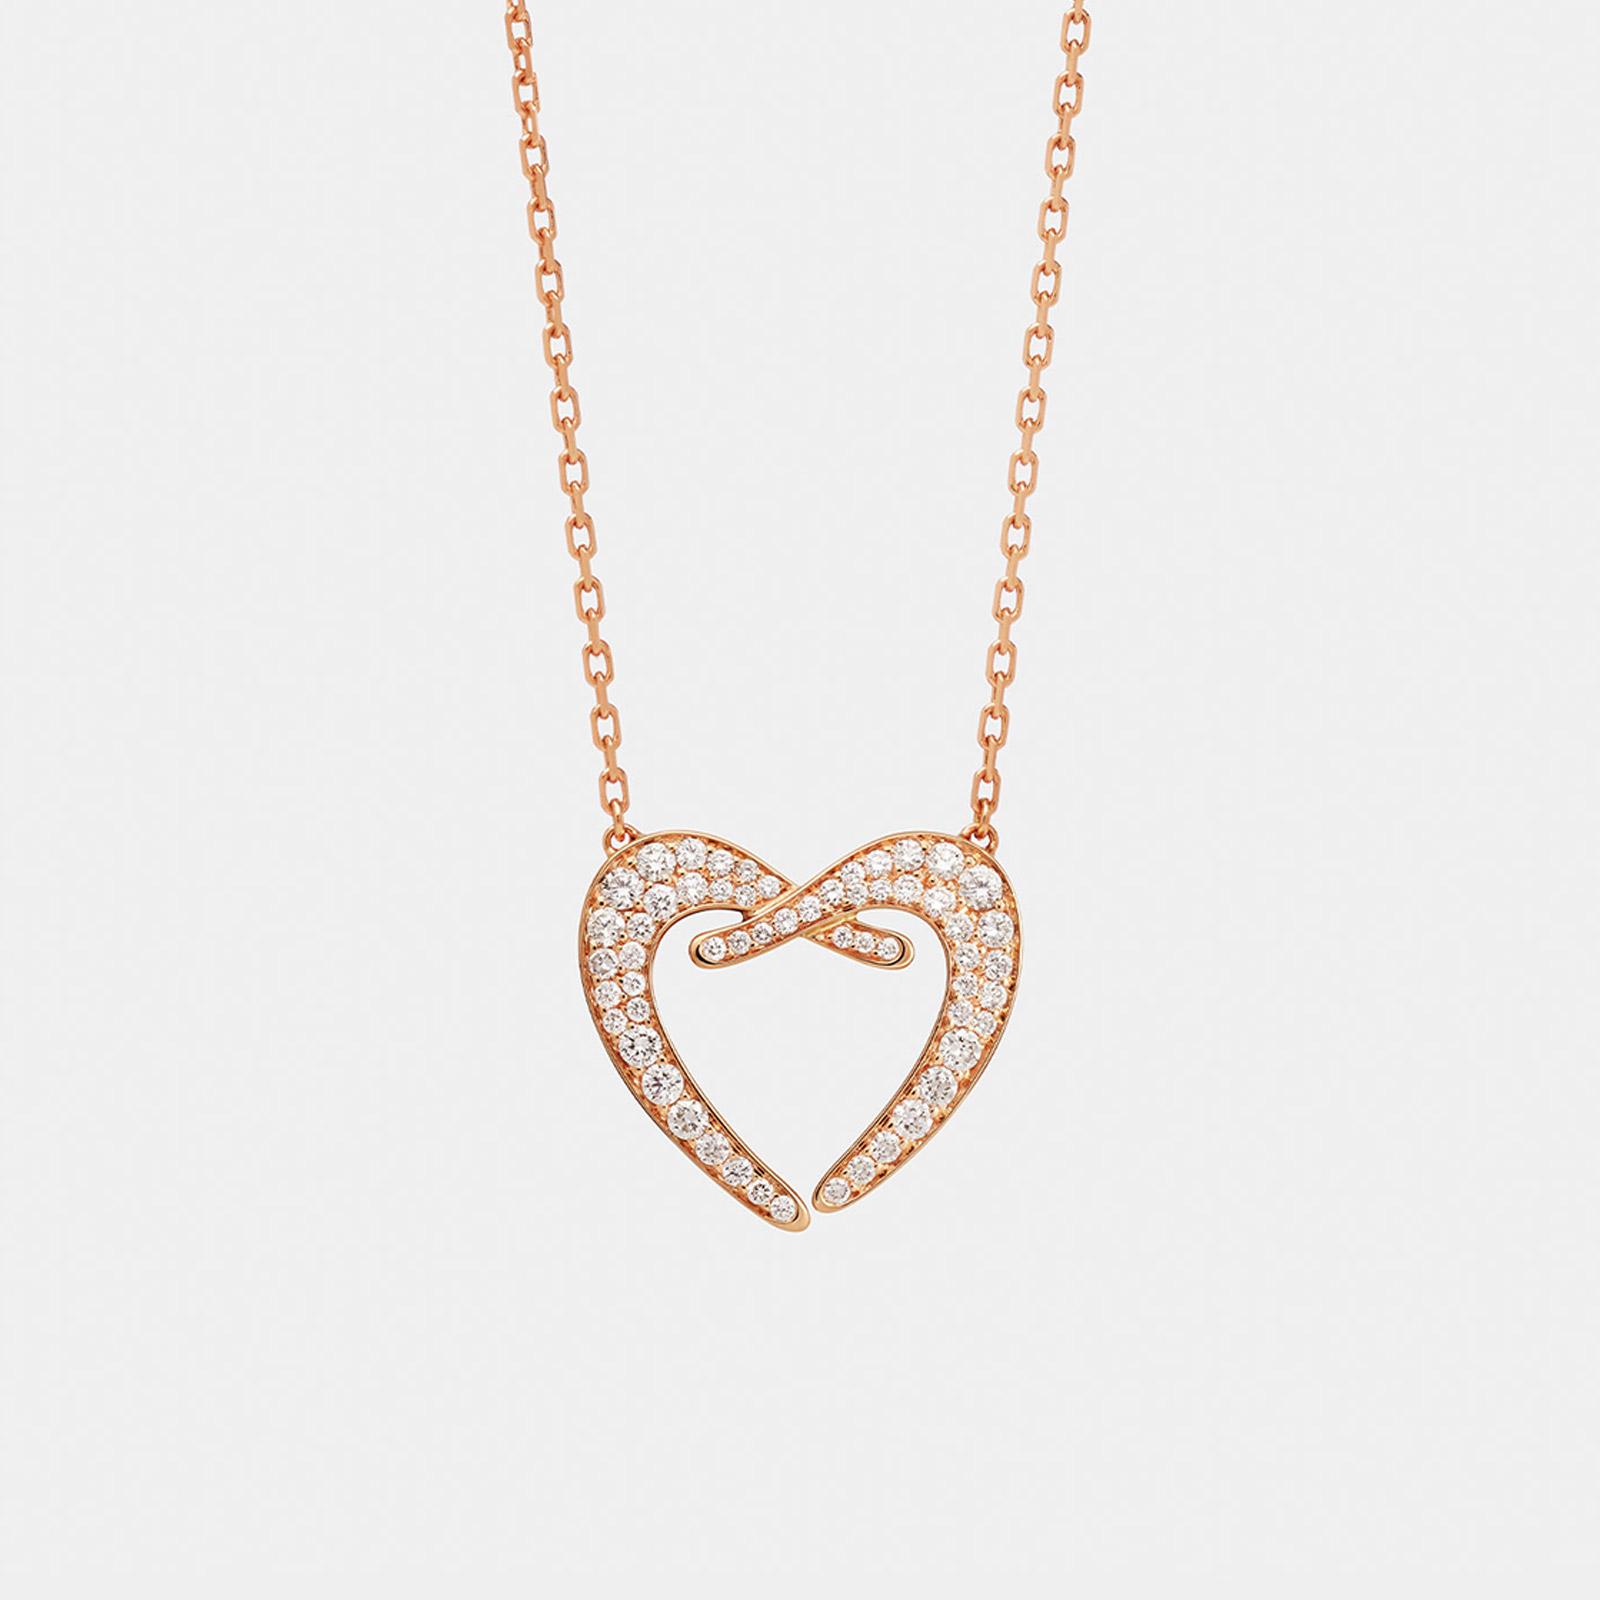 """Crivelli - Girocollo con pendente cuore in oro rosa e diamanti modello """"Incontro"""" della collezione """"Ora più che mai"""" - Rosanna Cattolico gioielli"""